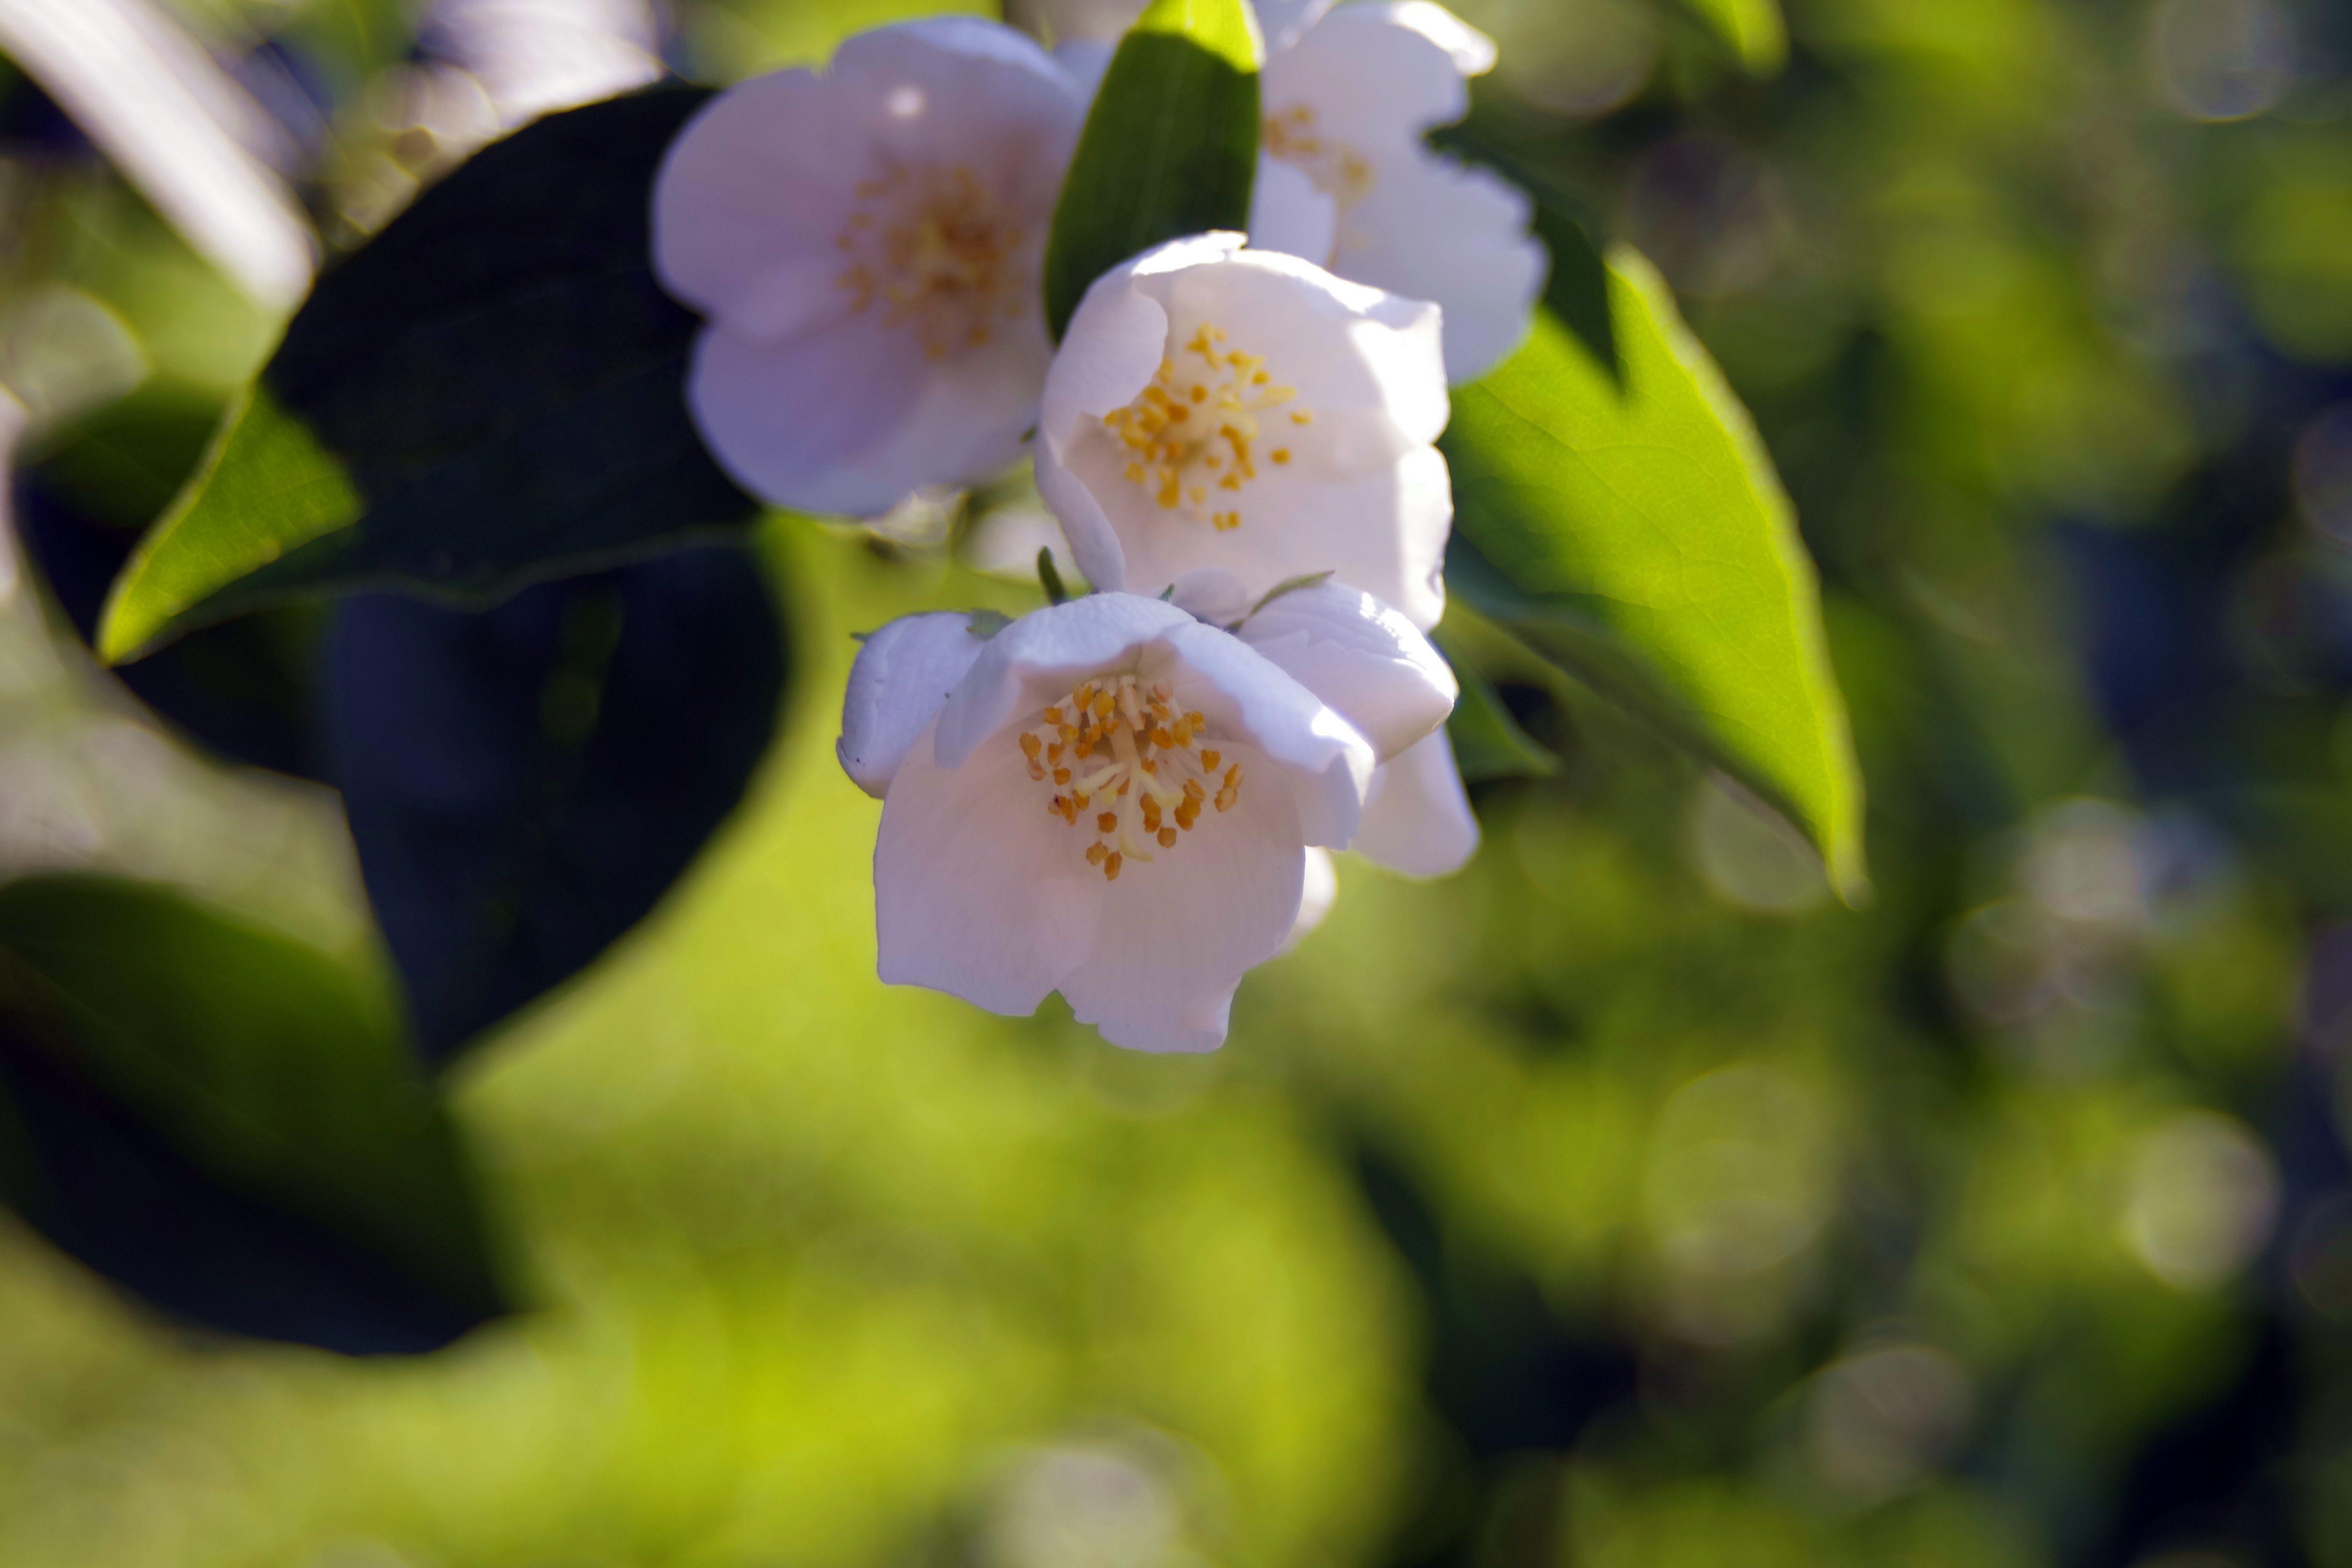 Free Images Nature Branch Blossom Leaf Petal Green Botany